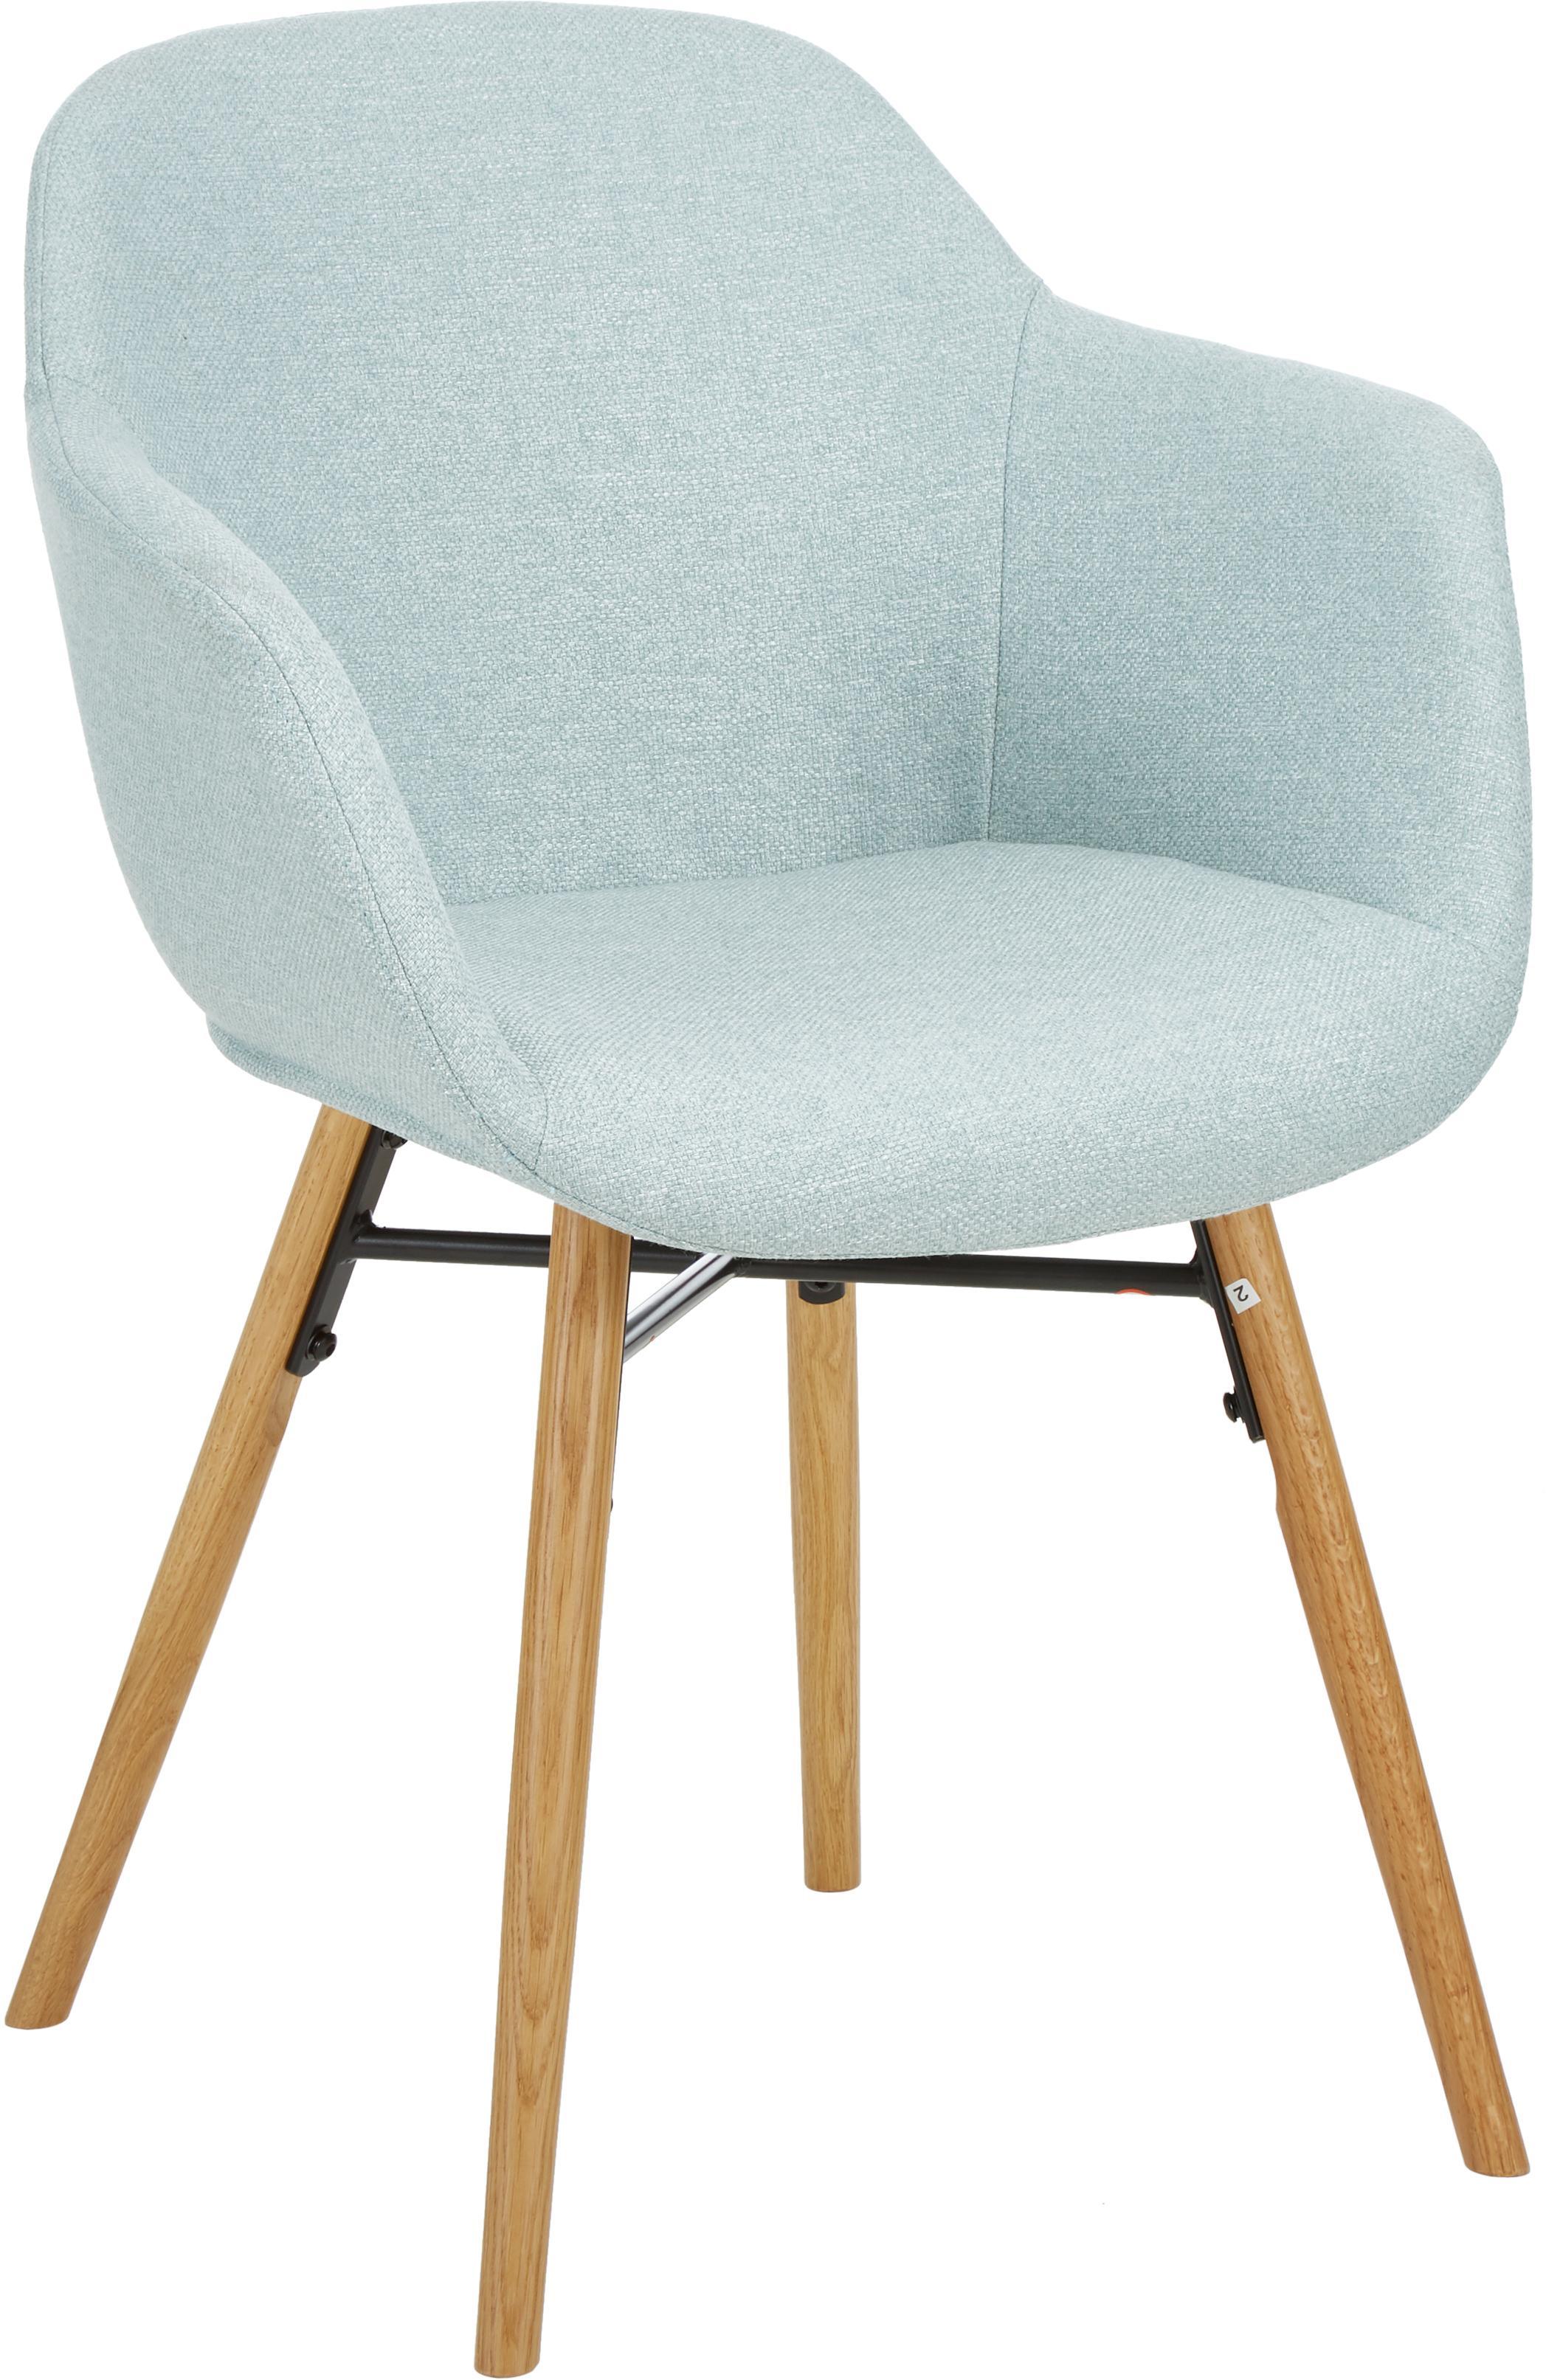 Krzesło tapicerowane Fiji, Tapicerka: poliester 40 000 cykli w , Nogi: lite drewno dębowe, Siedzisko: jasny niebieski Nogi: drewno dębowe, S 59 x G 55 cm